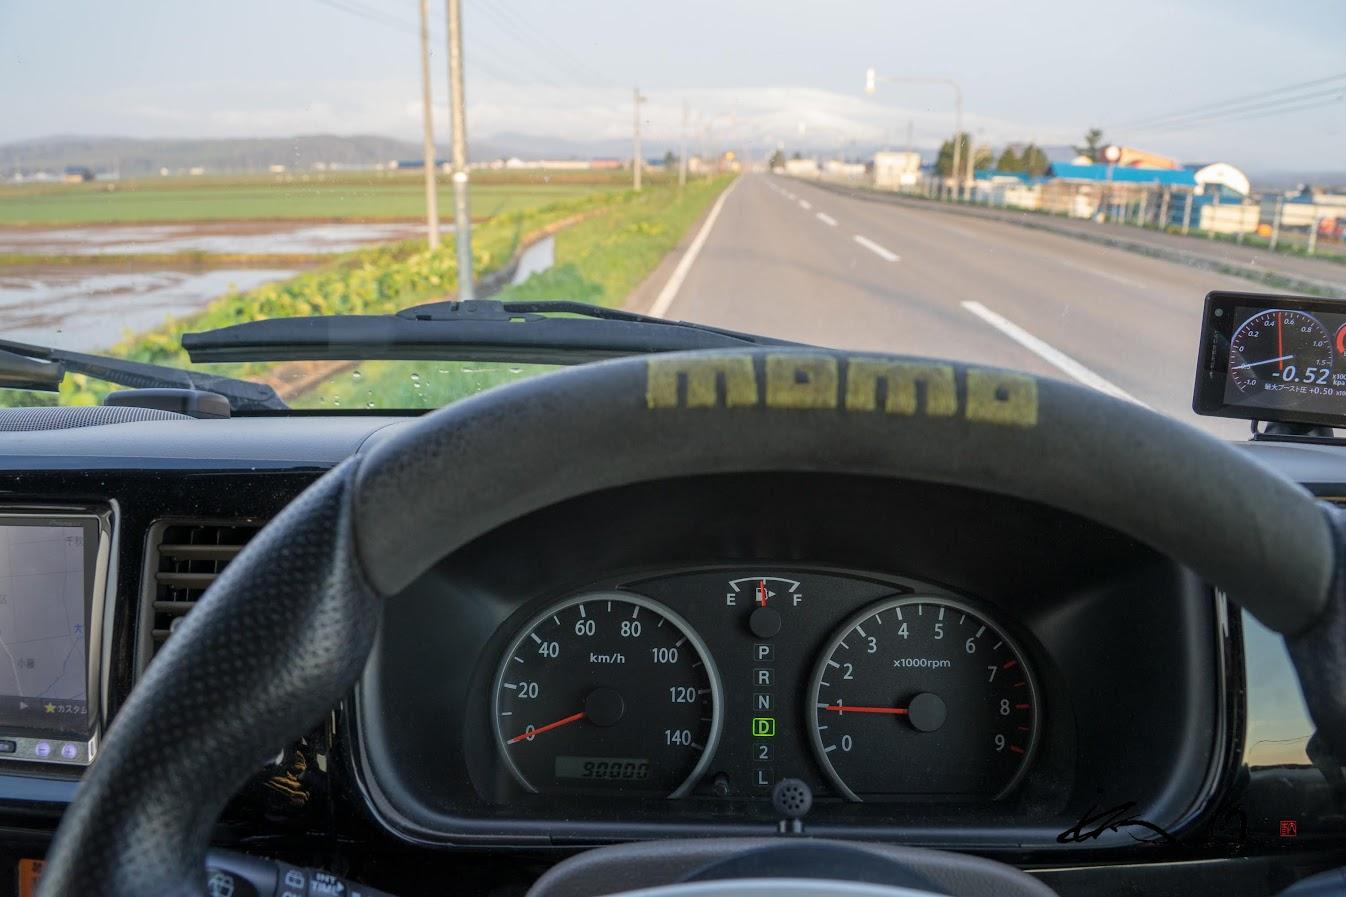 走行距離が9万km超えたエブリィワゴン